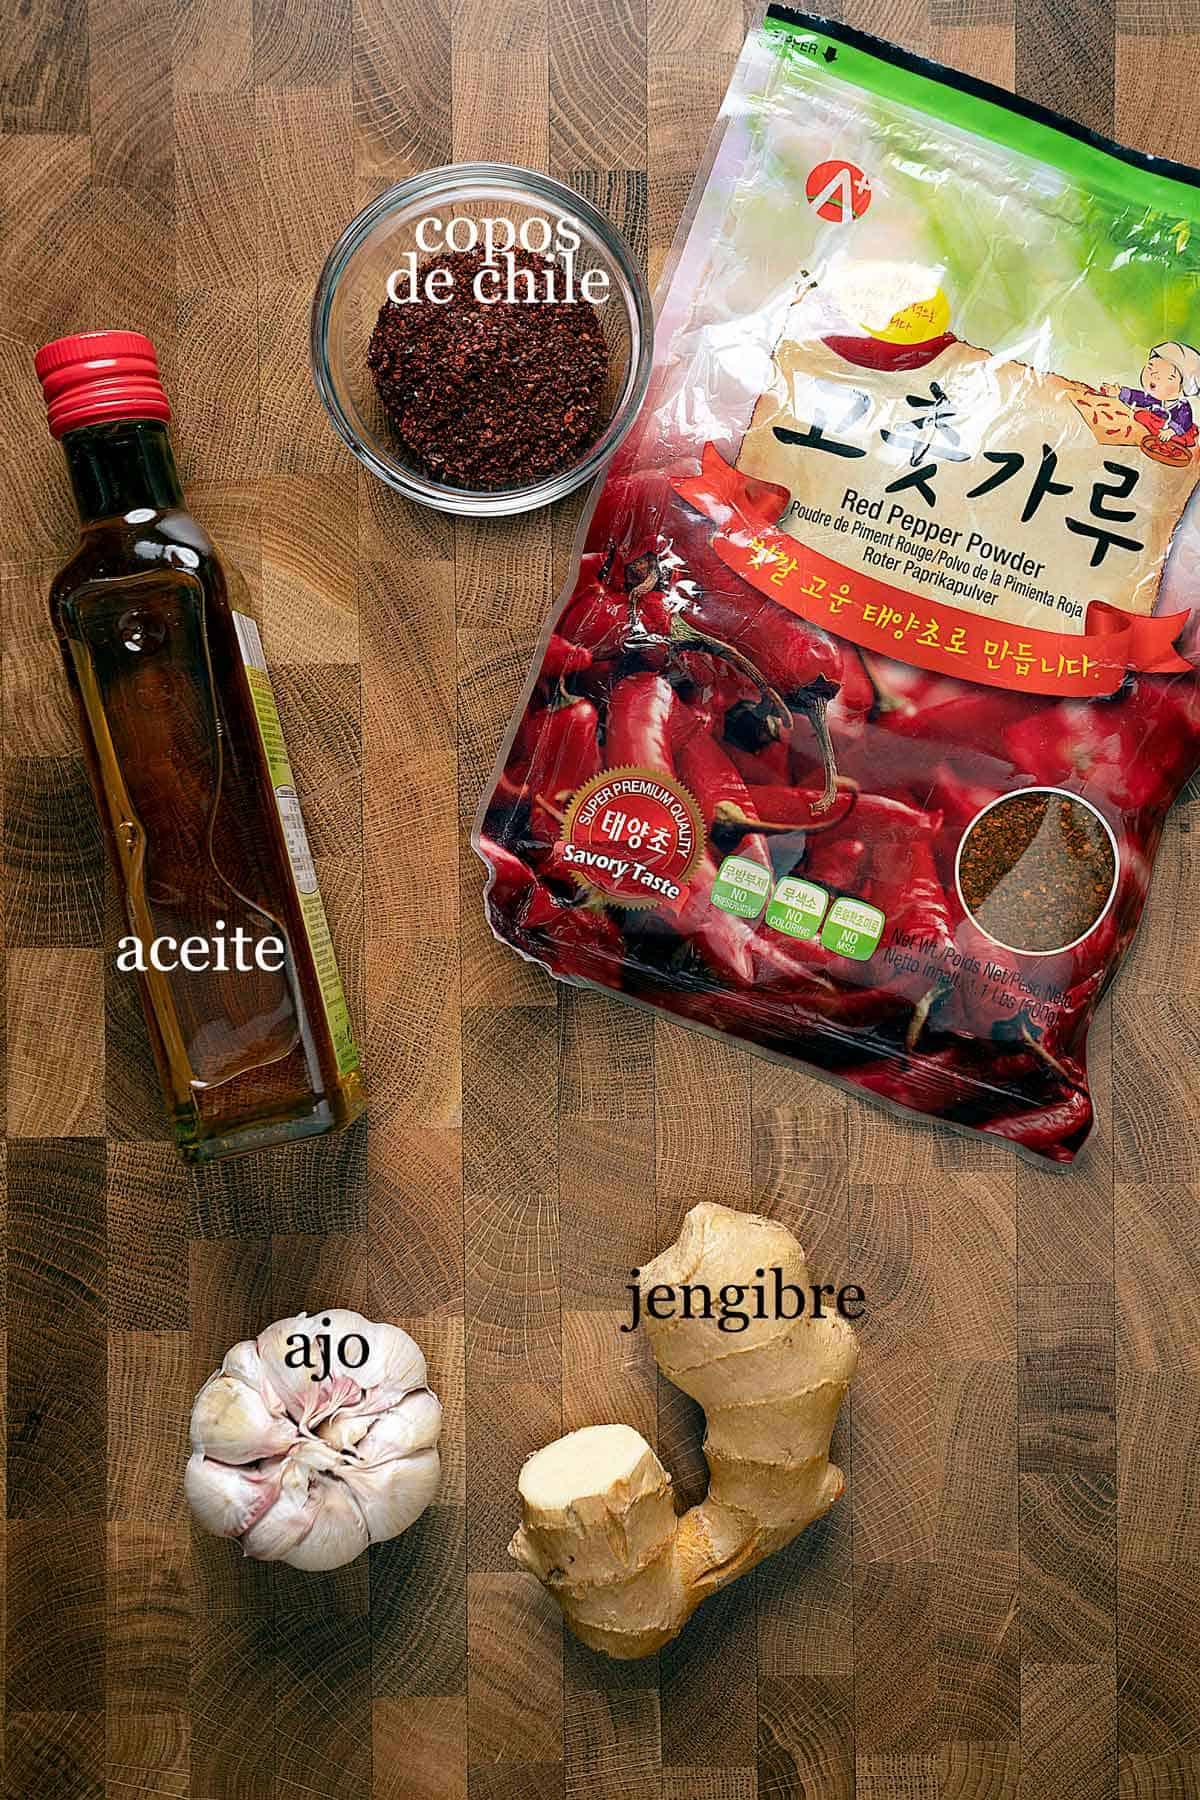 ingredientes para aceite de chile con ajo.